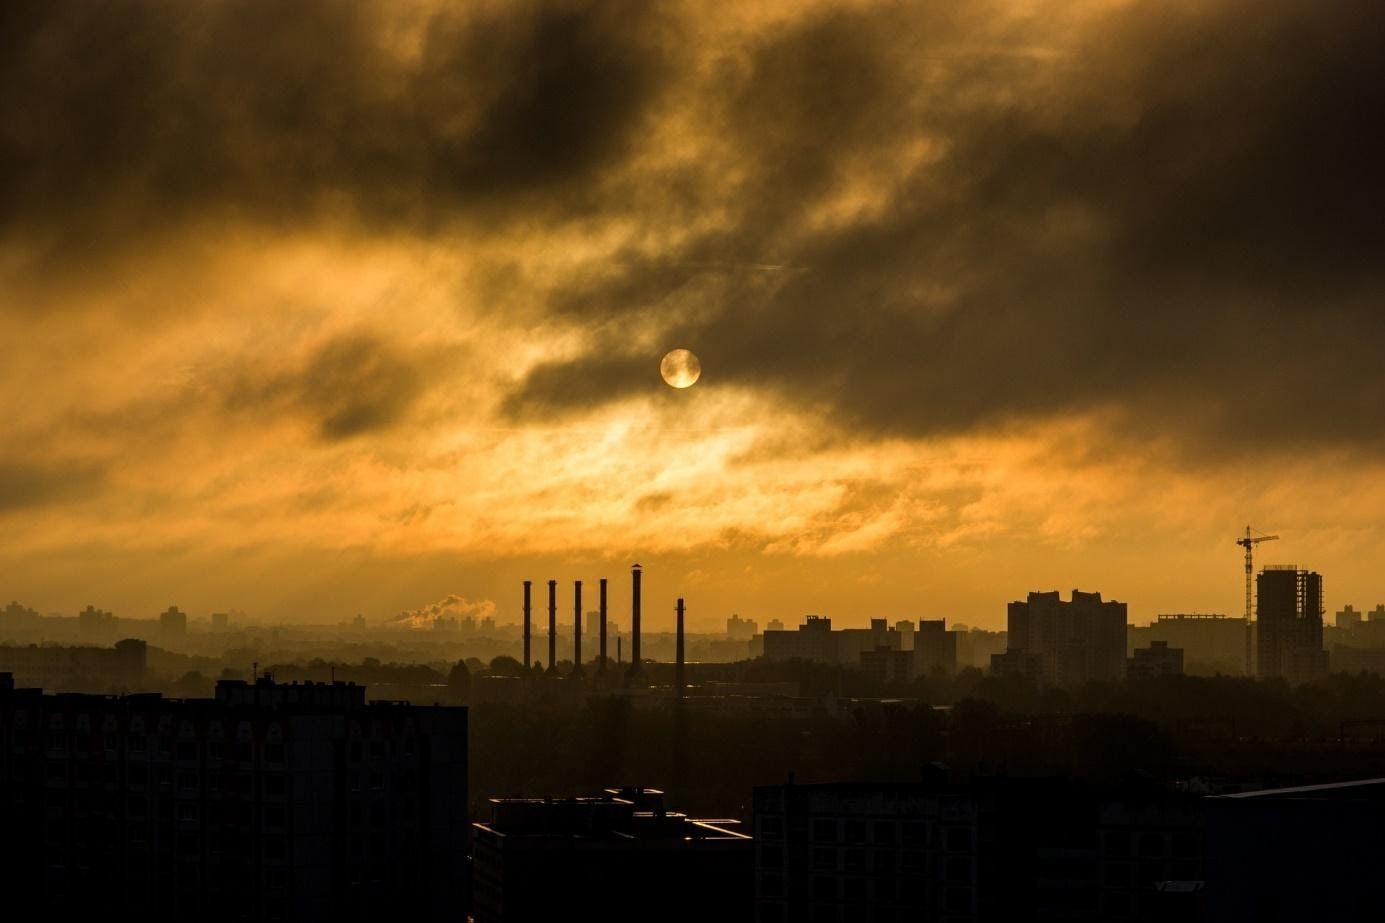 Oczyszczacz powietrza - ochrona przed smogiem?